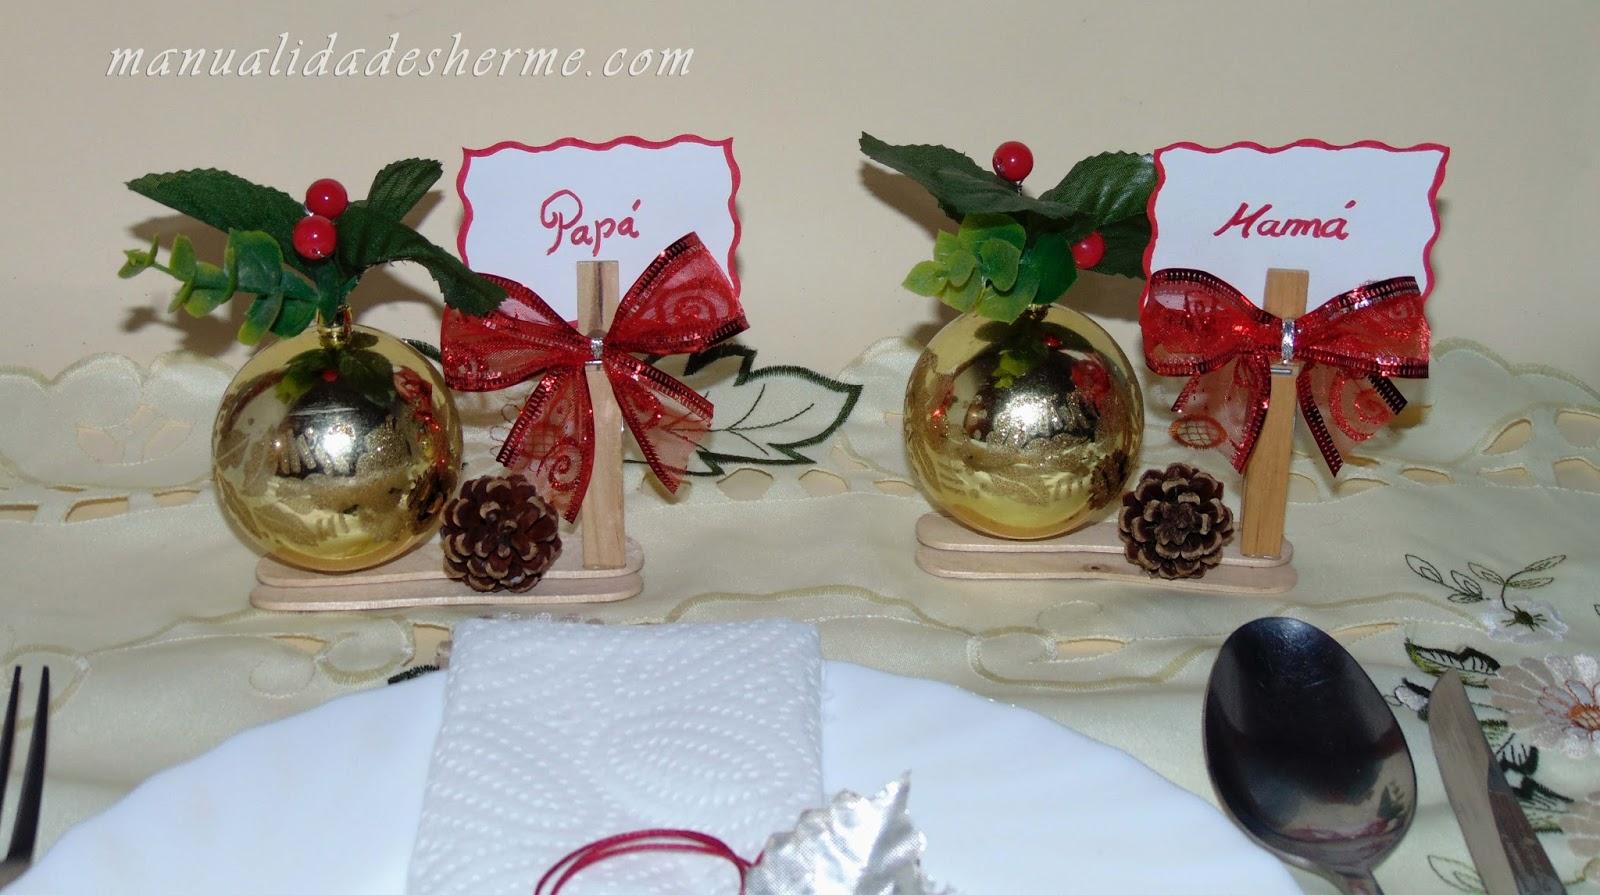 Manualidades herme hacer carteles de mesa para navidad - Para navidad manualidades ...